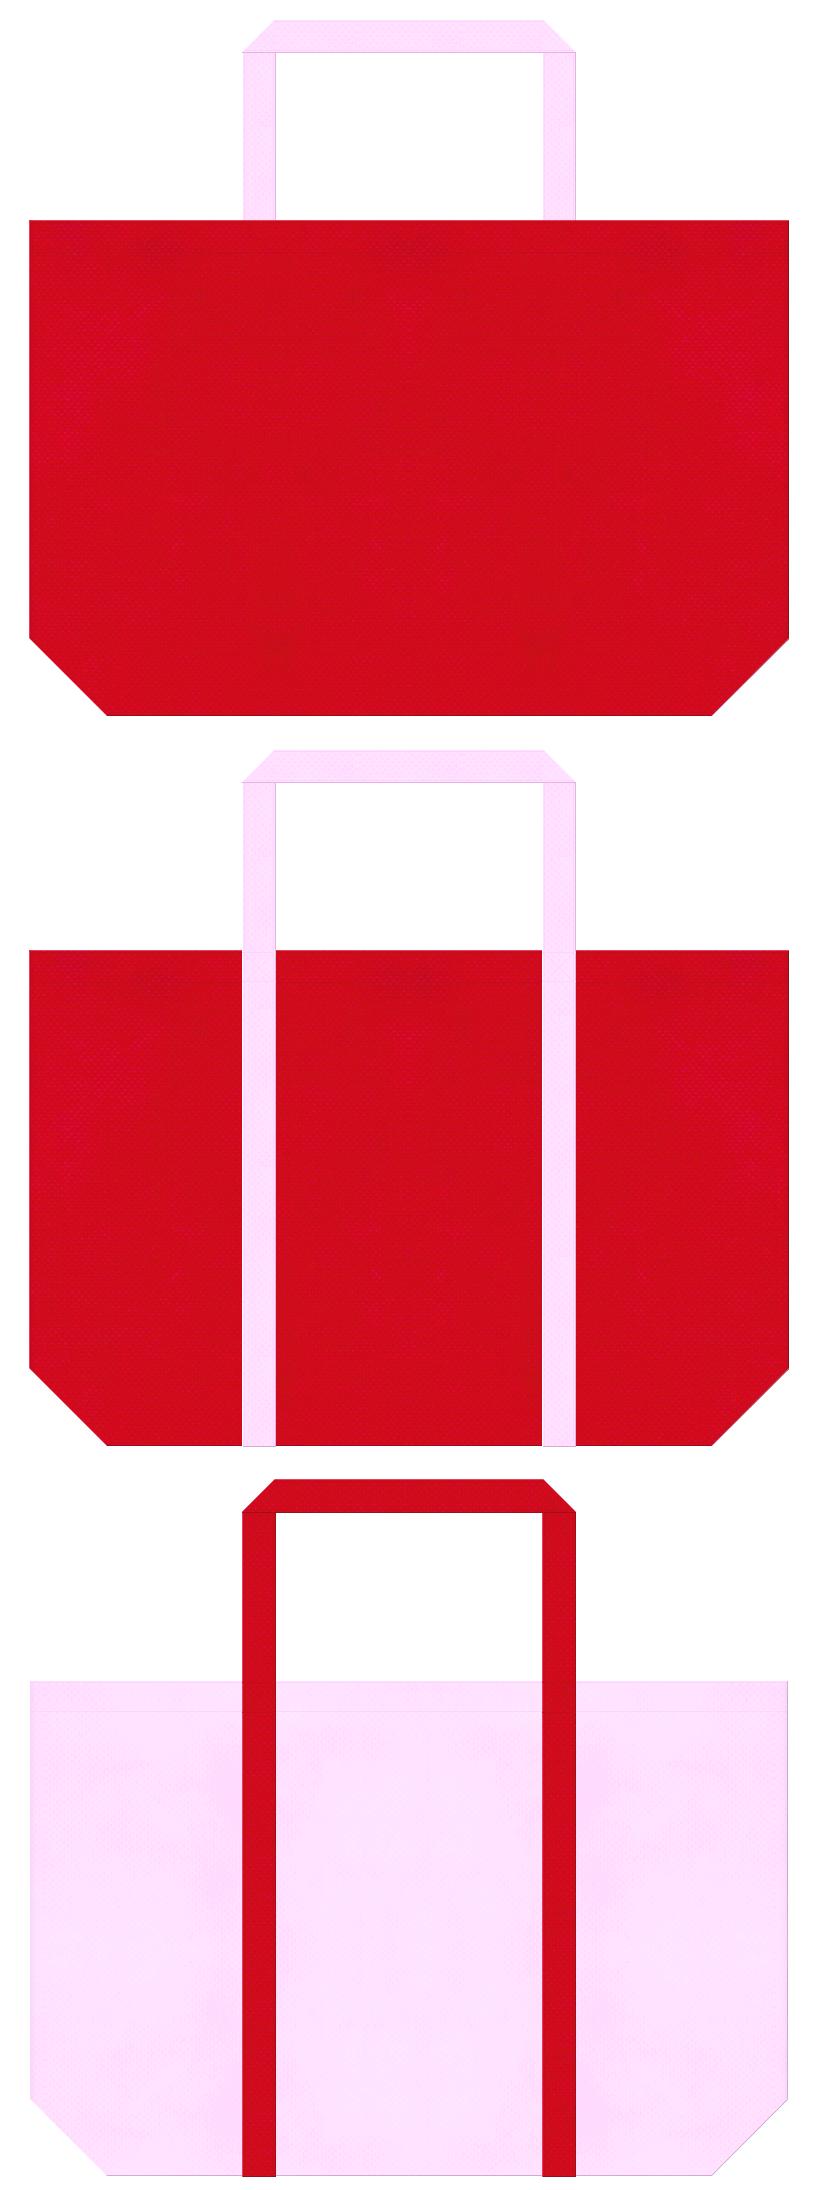 ひな祭り・福袋にお奨めの不織布バッグデザイン:紅色と明るいピンク色のコーデ